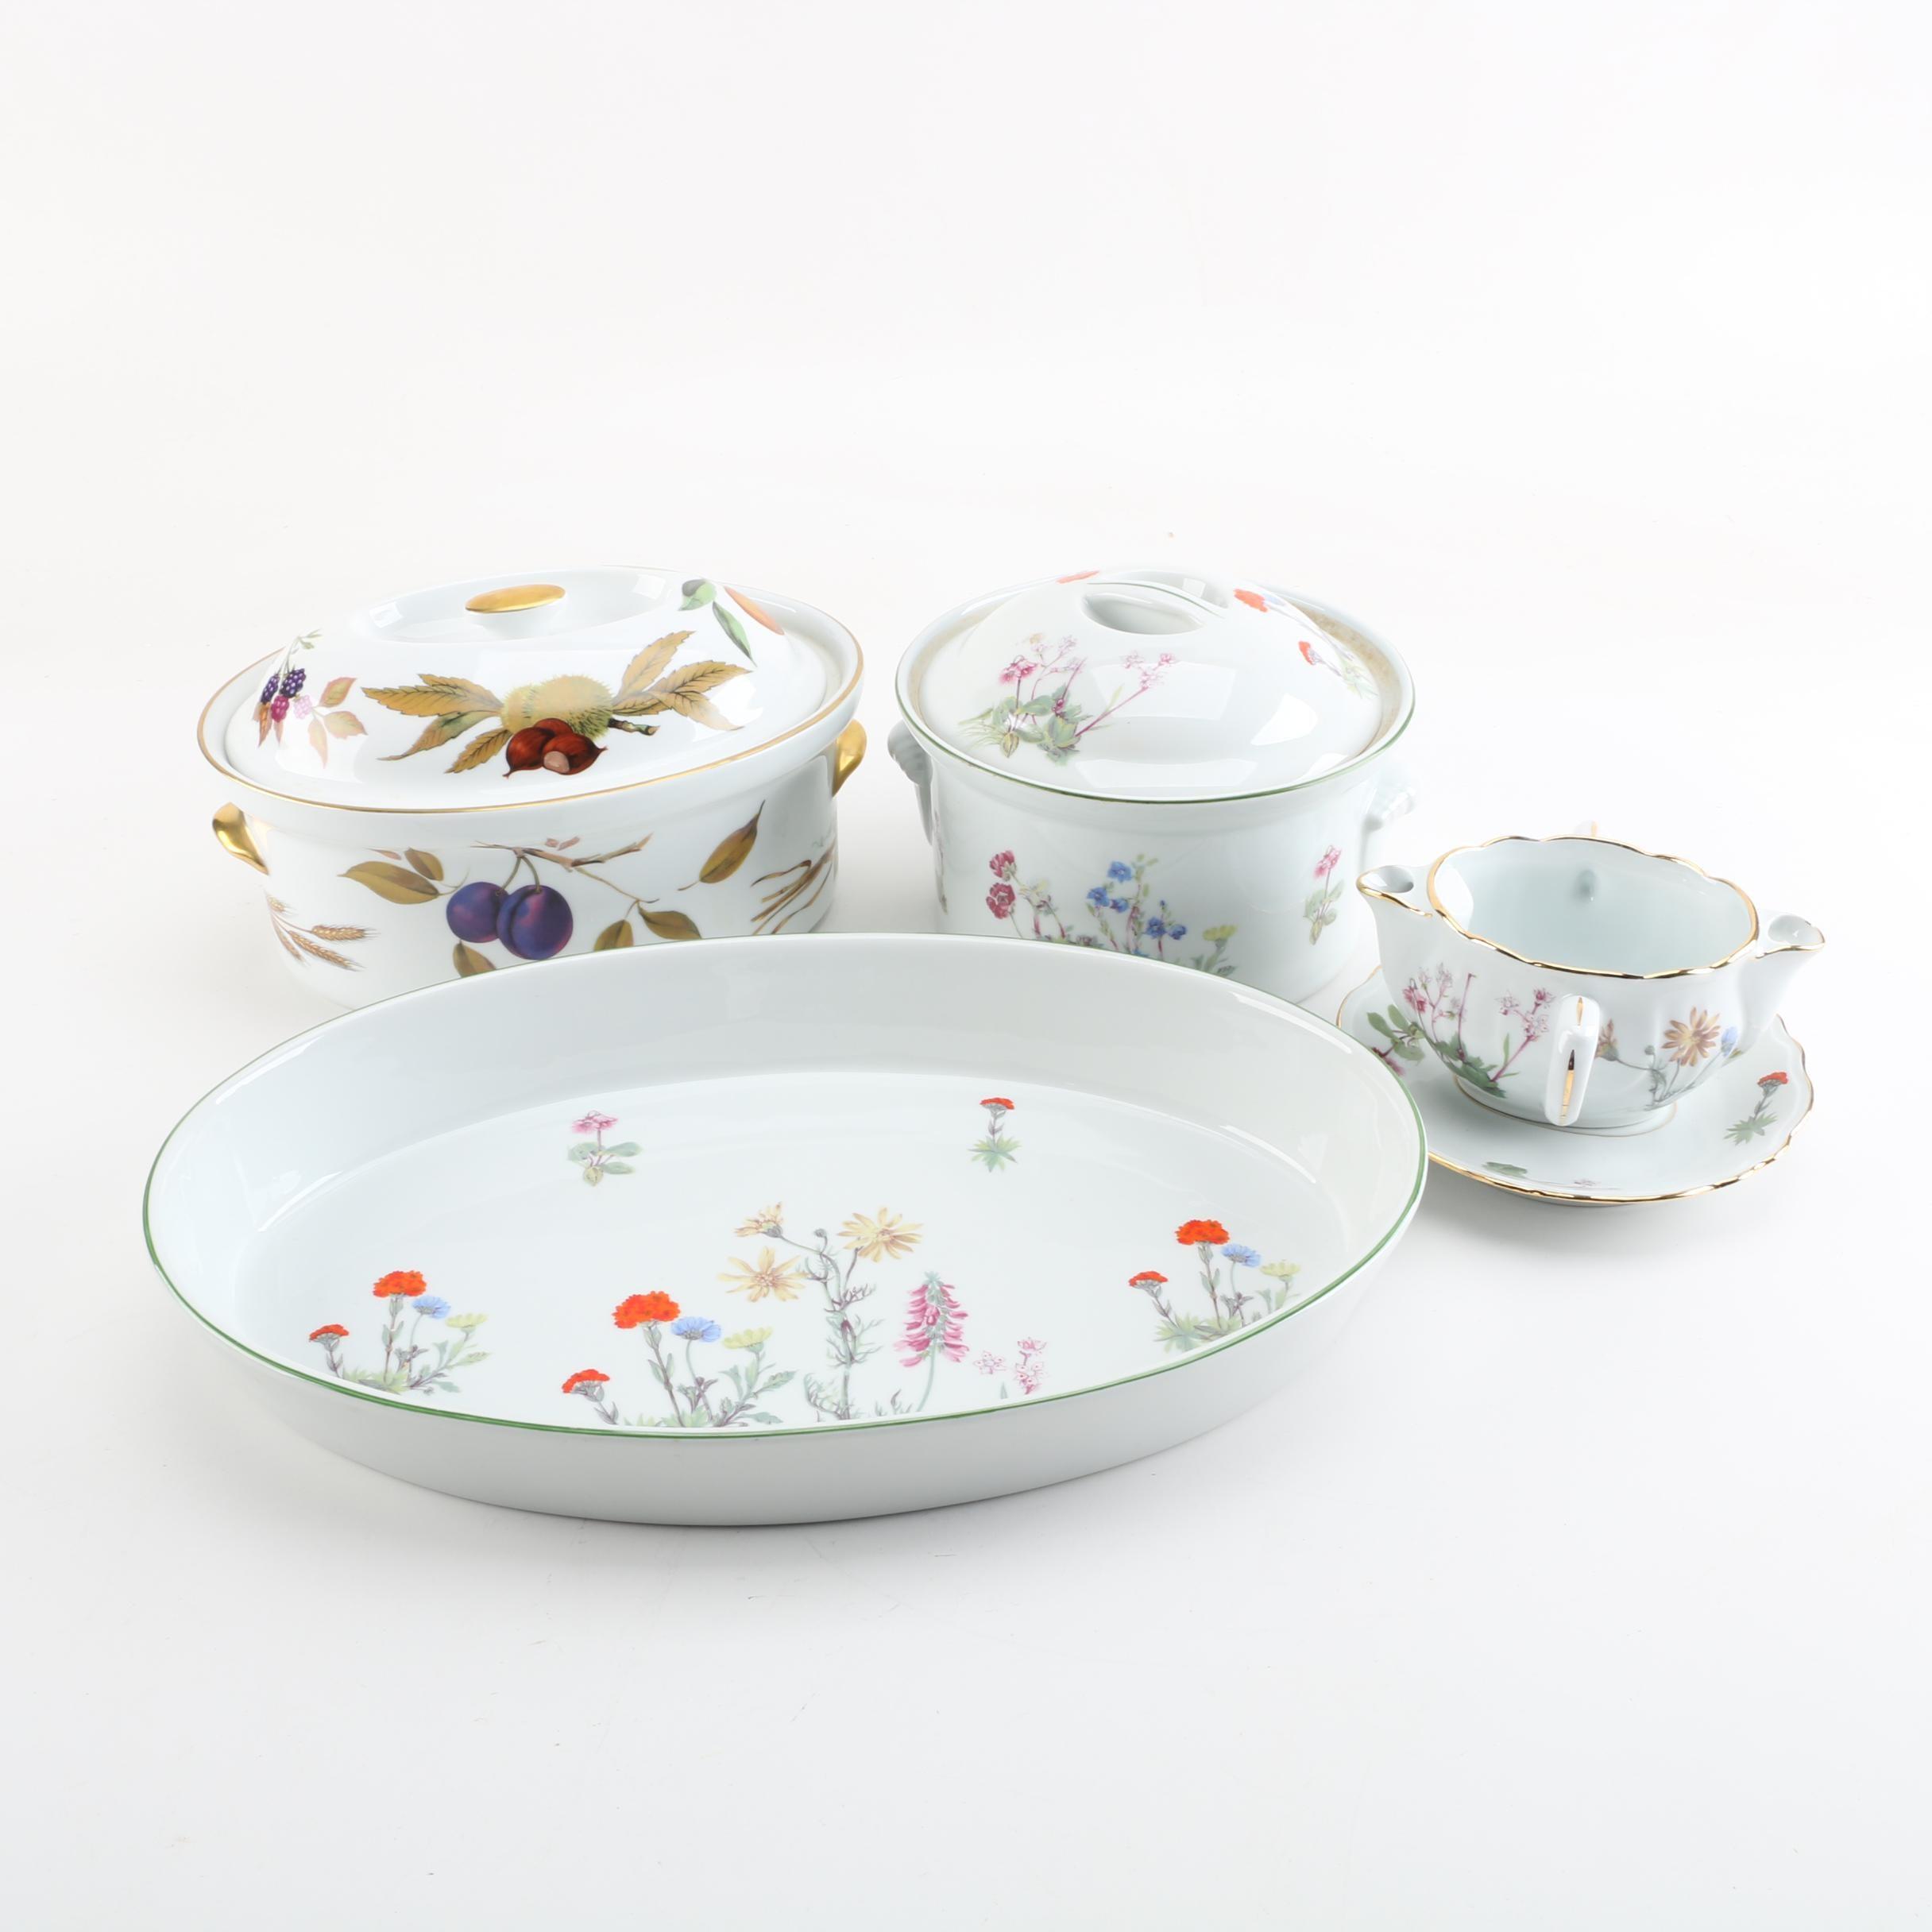 """Vintage Porcelain Serveware Featuring Royal Worcester """"Evesham"""""""